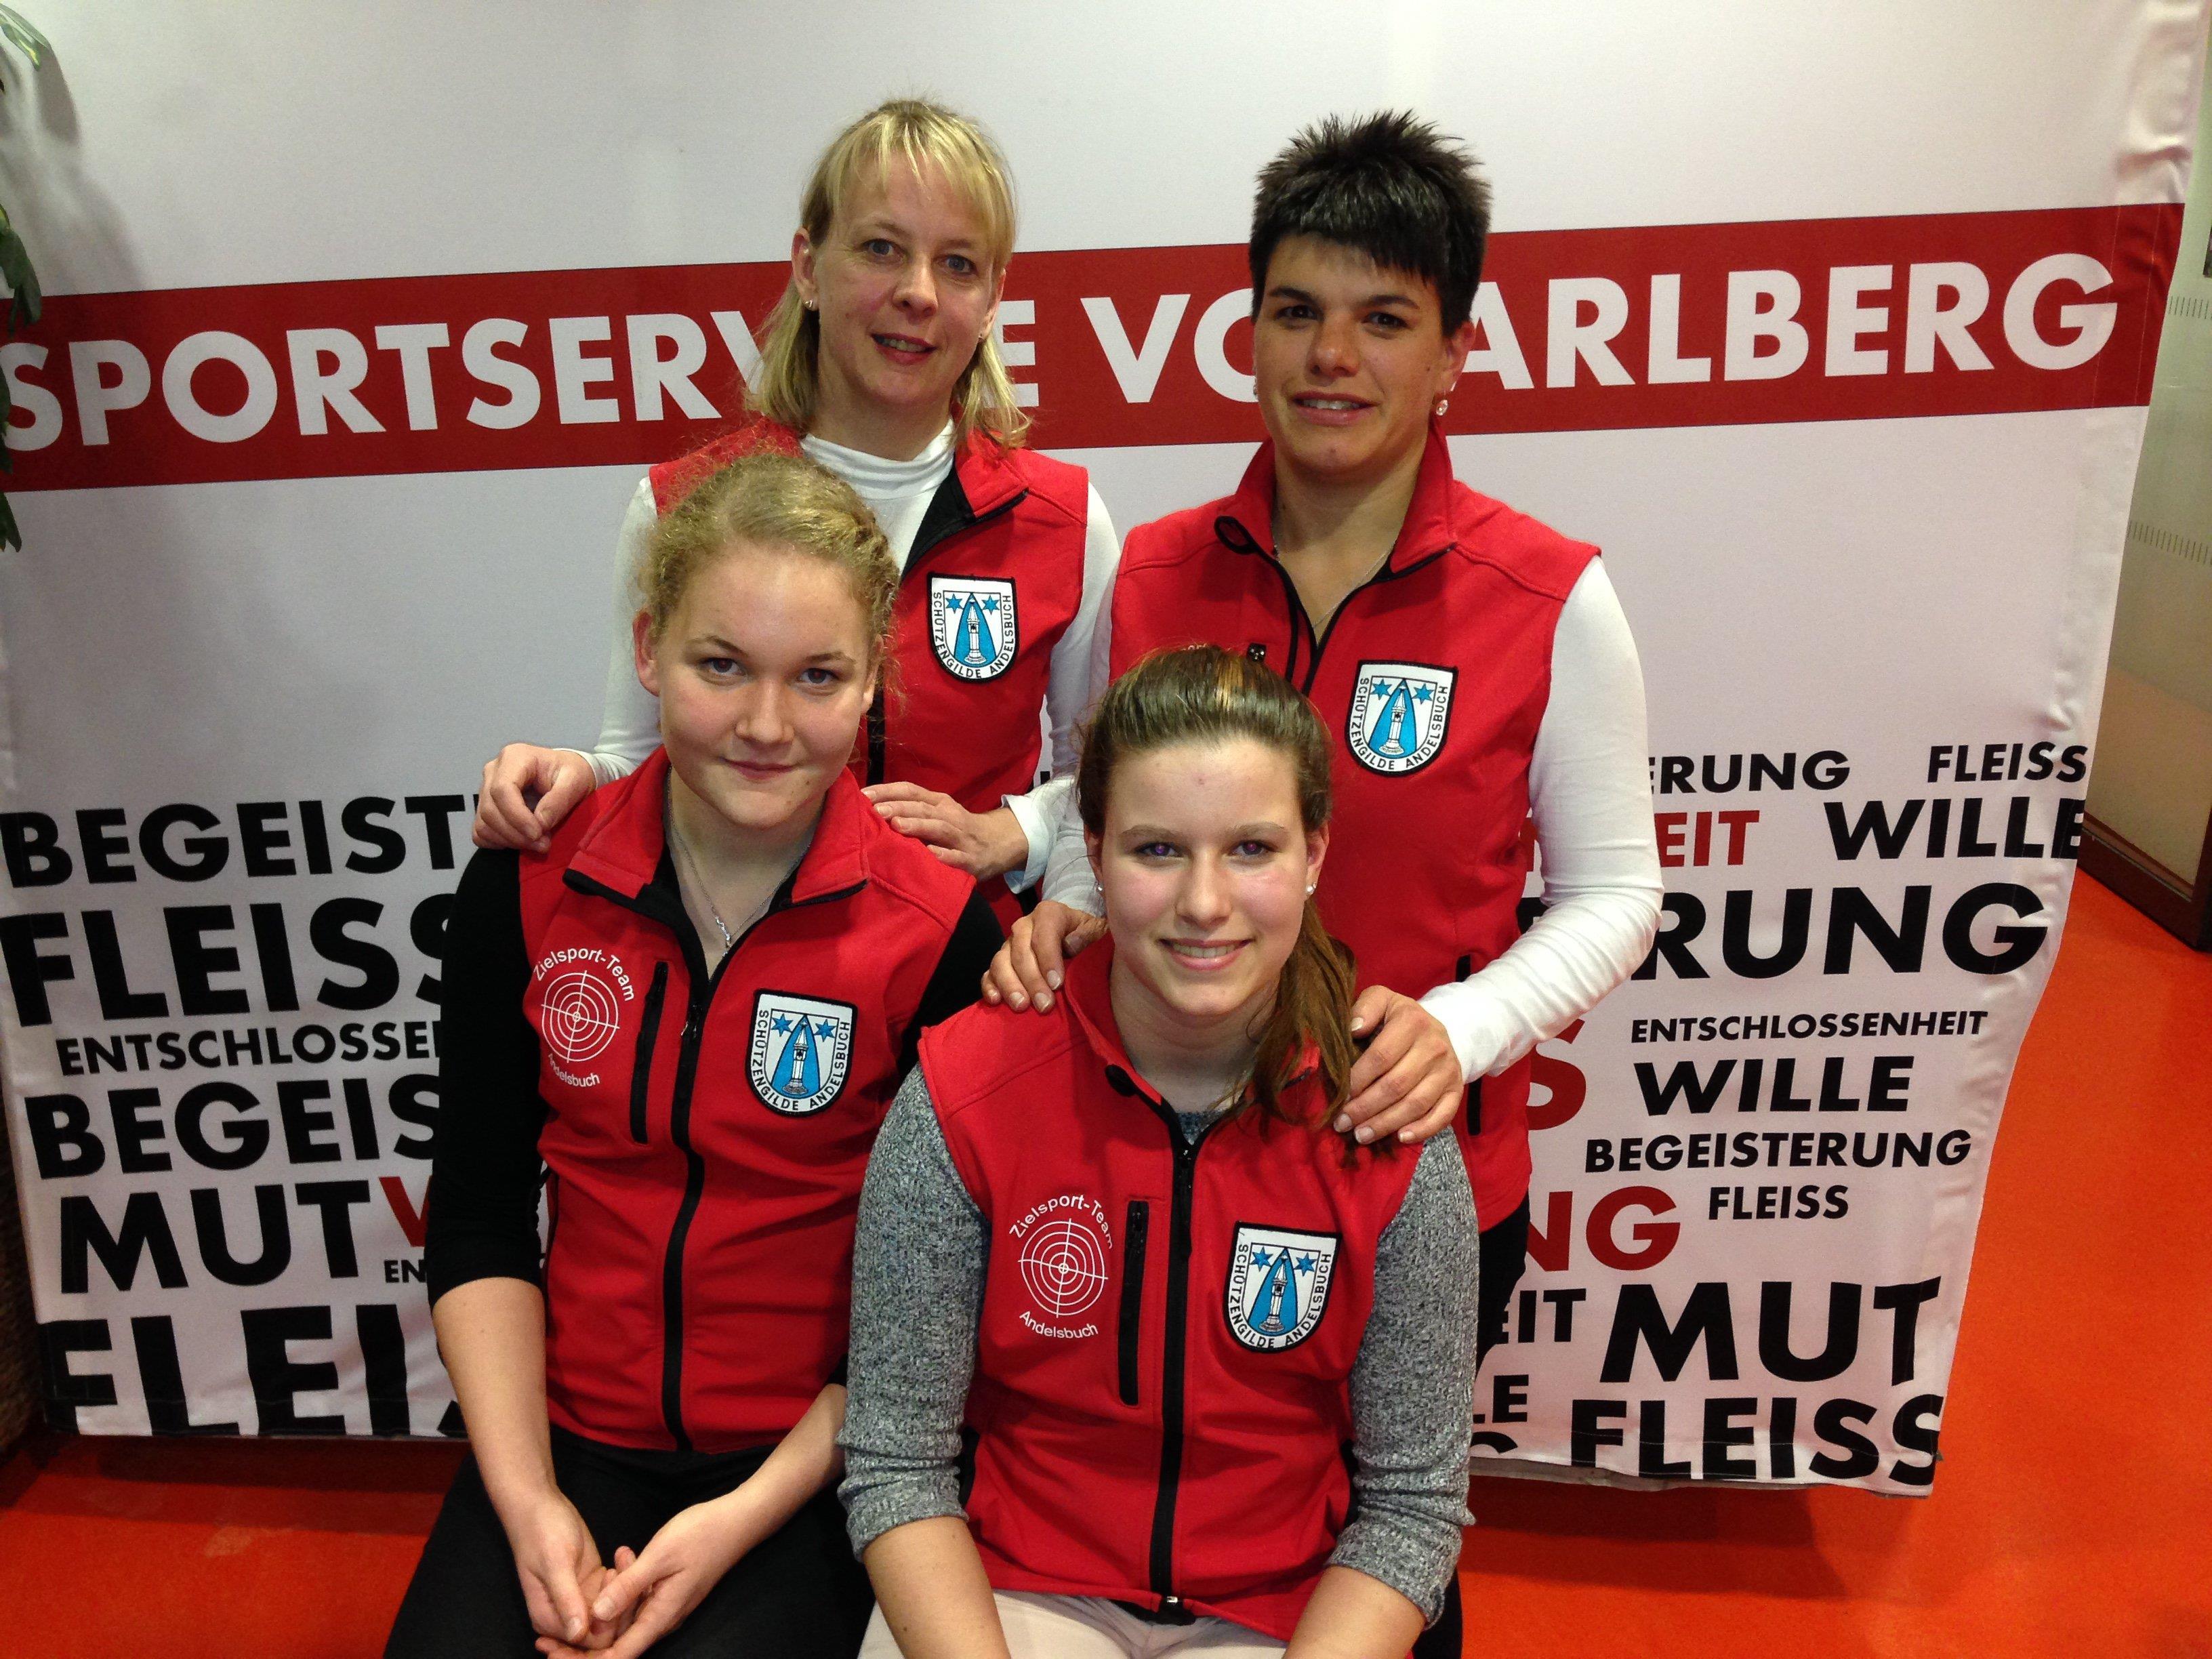 Bild vorne Bianca Egender und Julia Oberholzer; Bild hinten Waltraud Metzler und Katja Rüscher